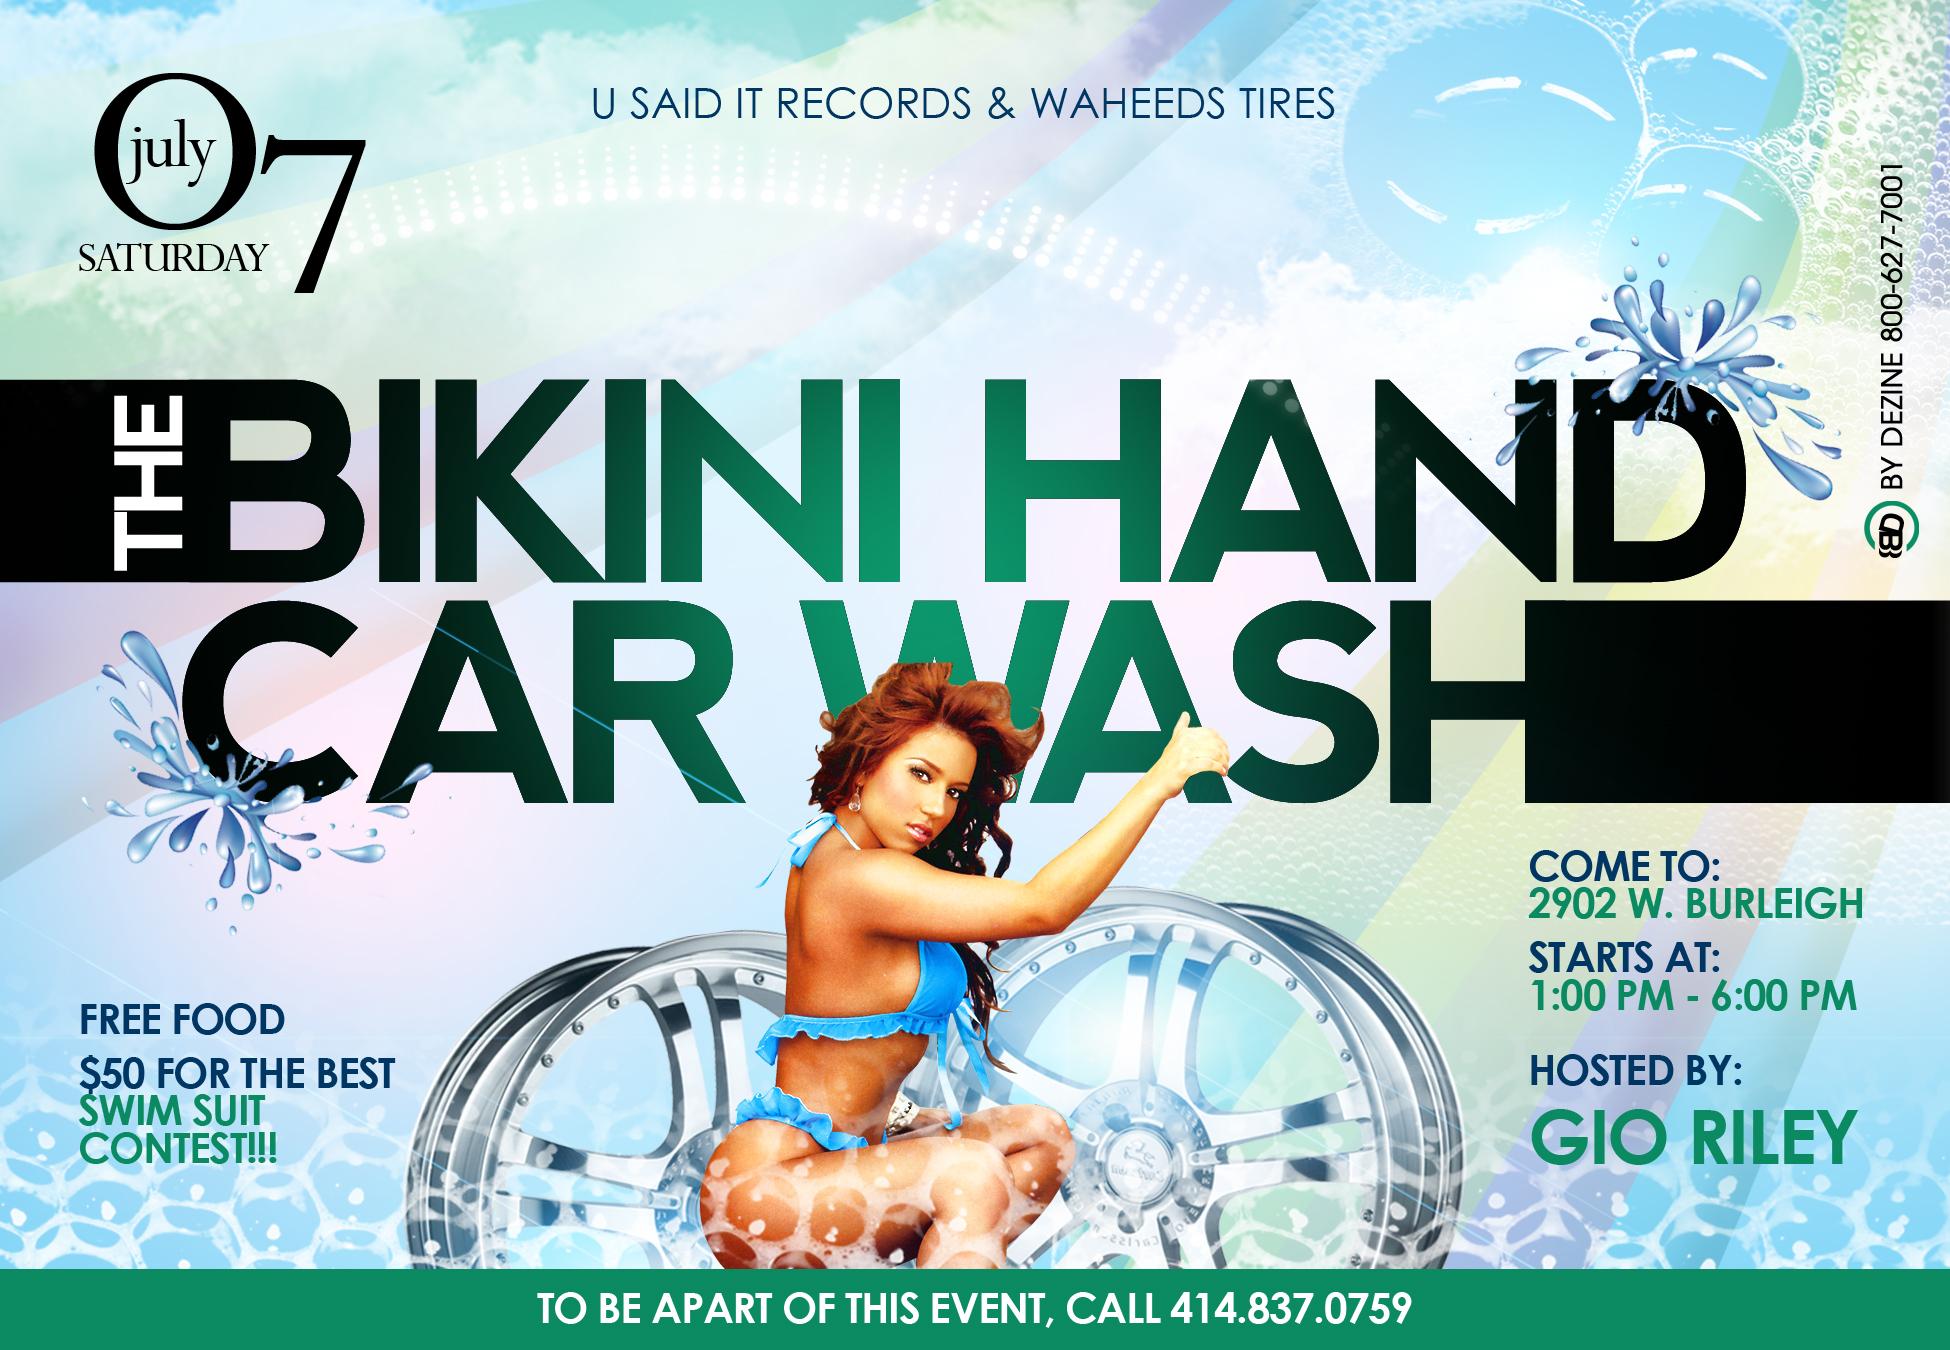 Bikini_Carwash[1]